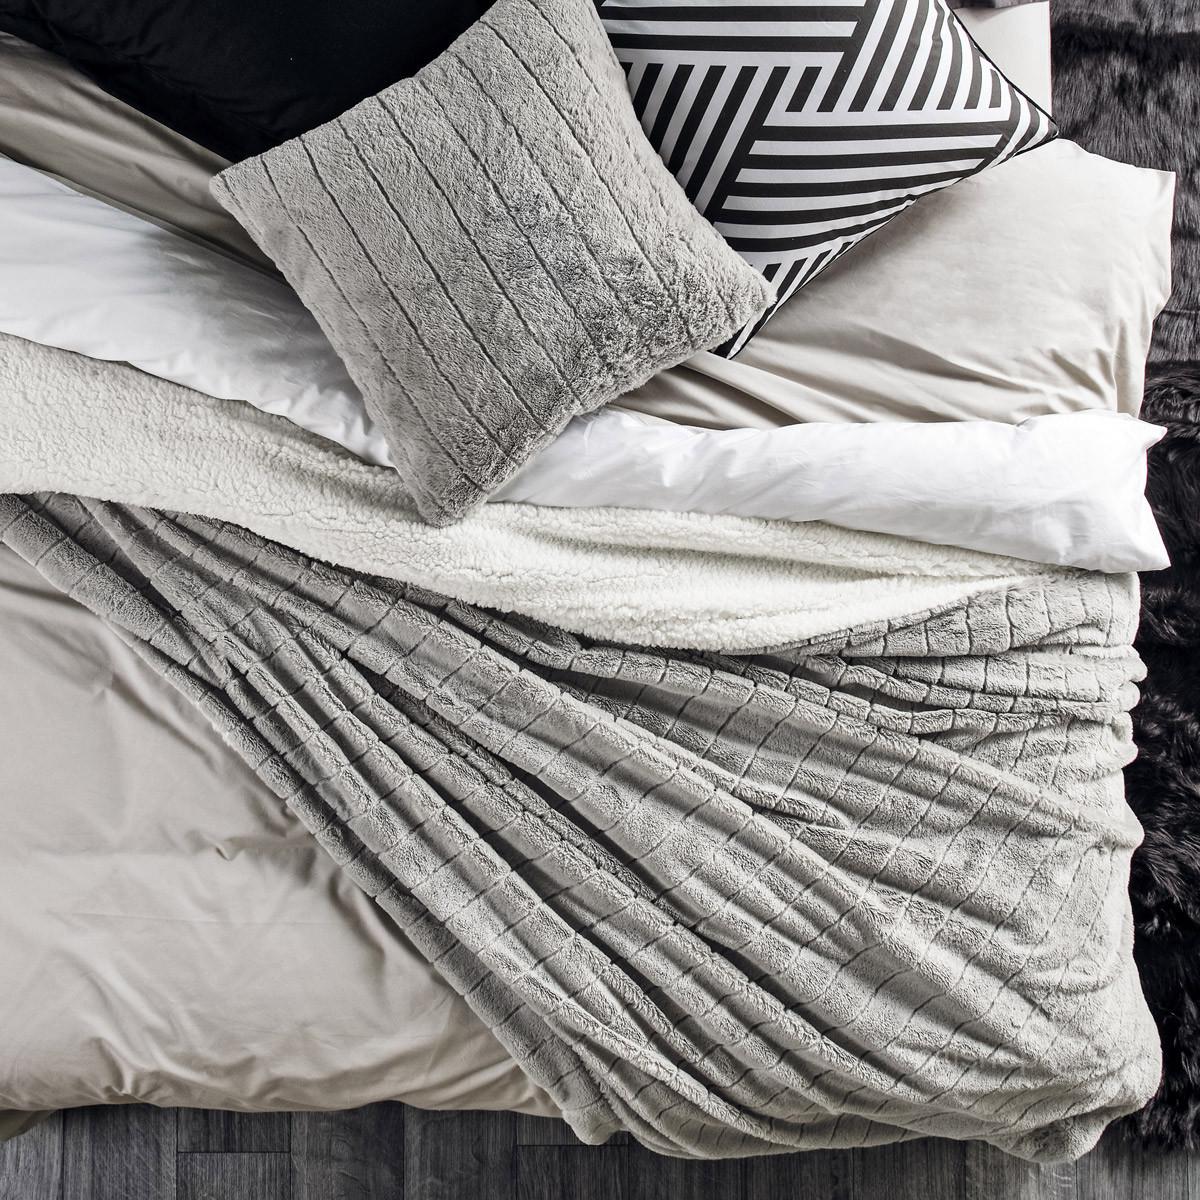 Κουβέρτα Fleece Υπέρδιπλη Kentia Stylish Warmy 182